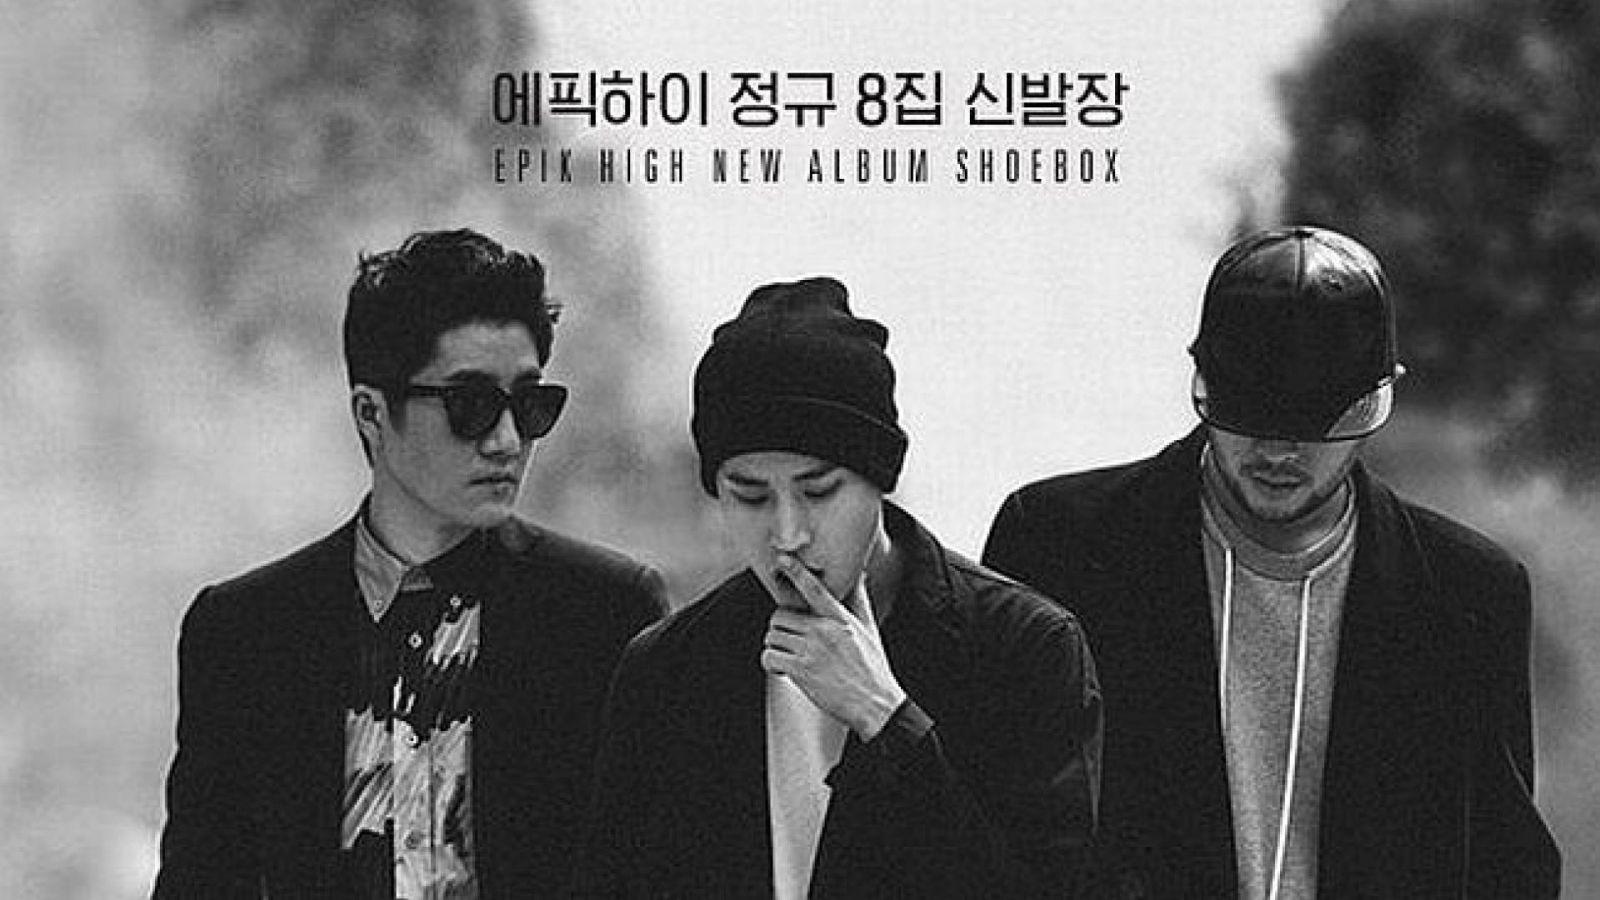 O superesperado comeback do Epik High © Epik High Official Facebook Page